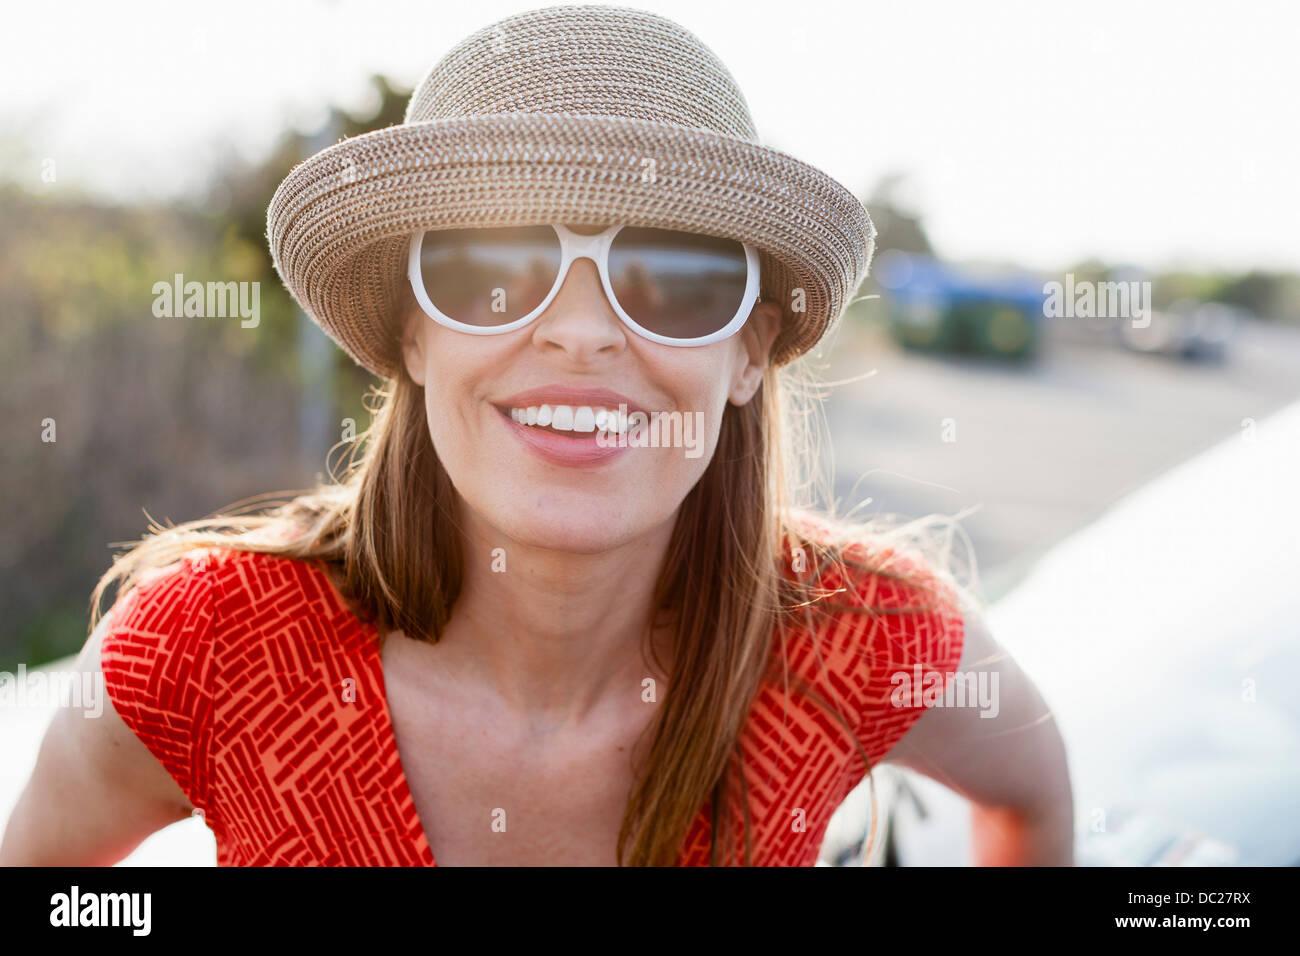 Mujer madura con gafas de sol y sombrero para el sol sonriente hacia la cámara Foto de stock